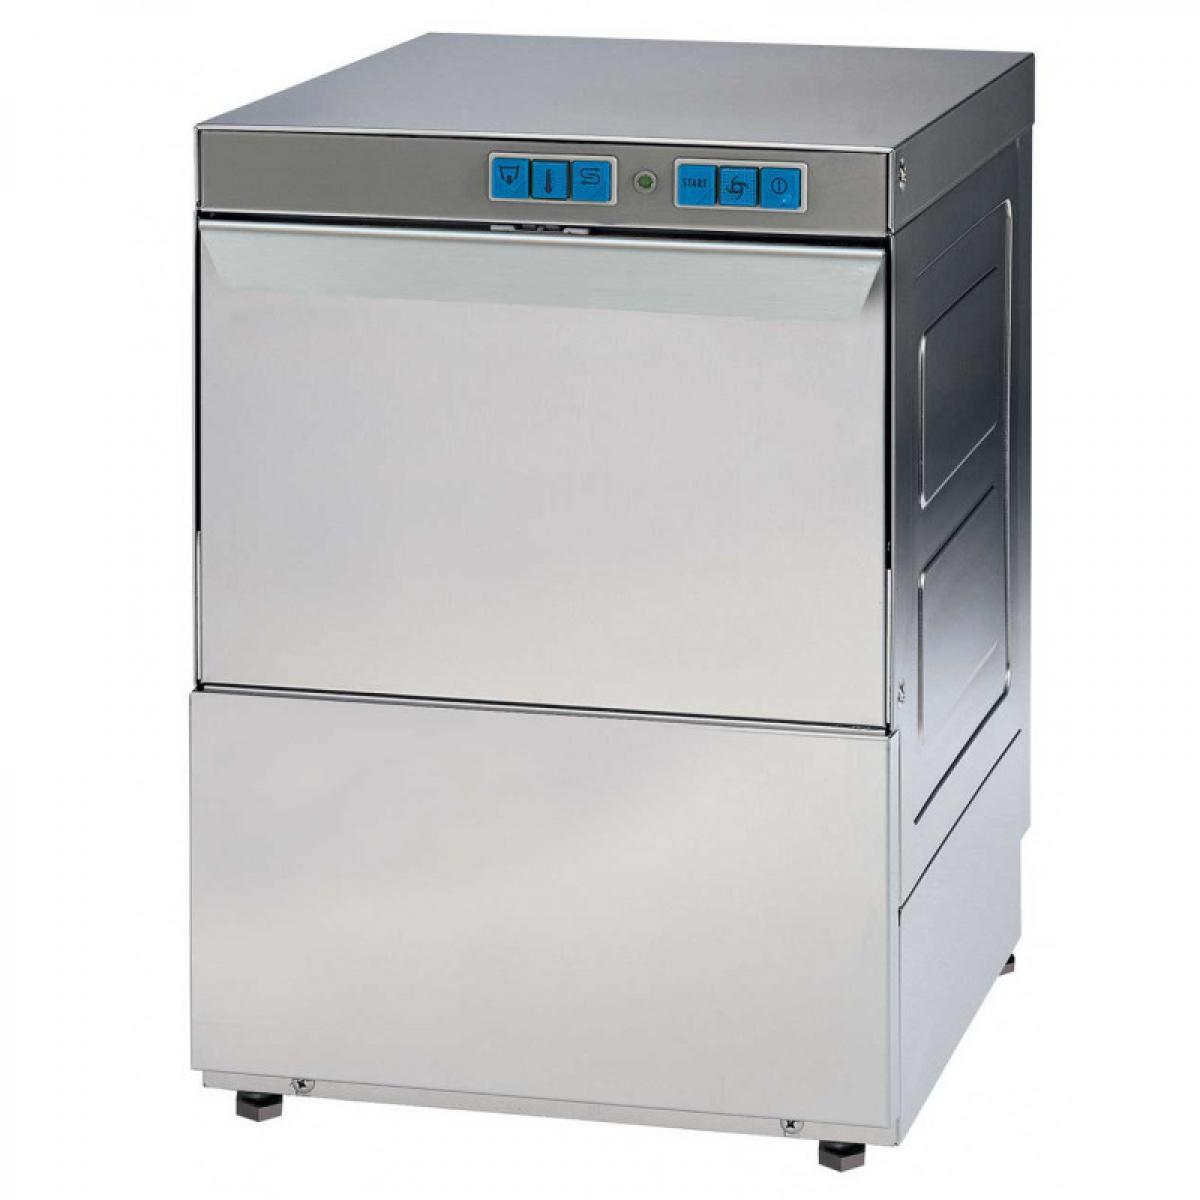 Materiel Chr Pro Lave-Vaisselle Série Eco Monophasé - Panier 500 x 500 mm - 230V monophase